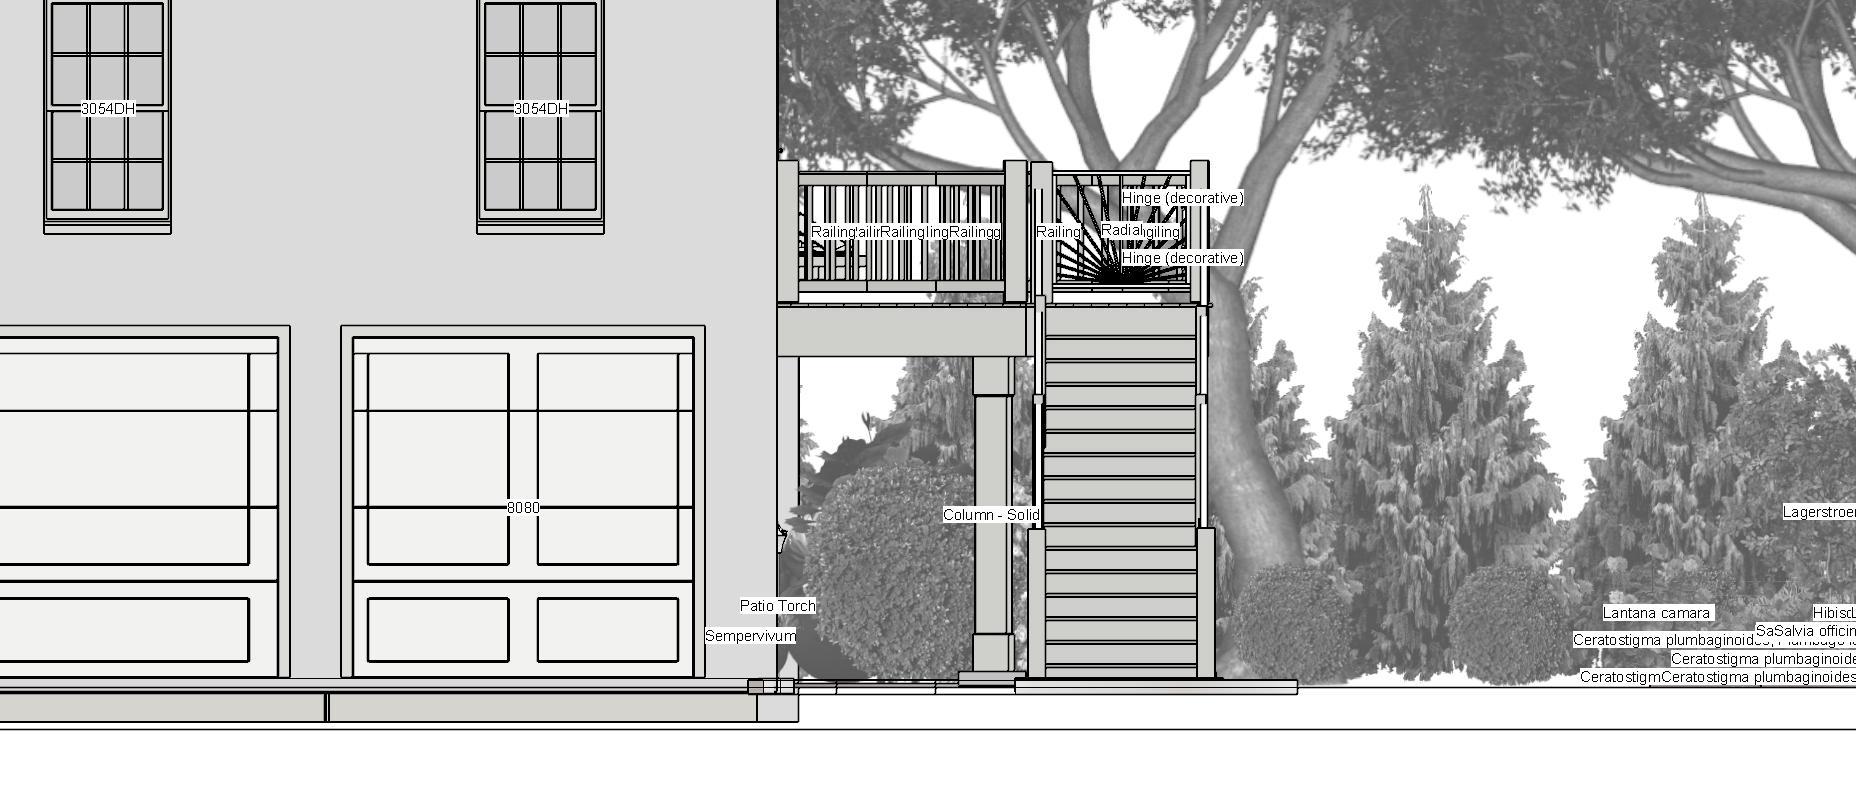 Garden Ridge Deck Design:  Part One